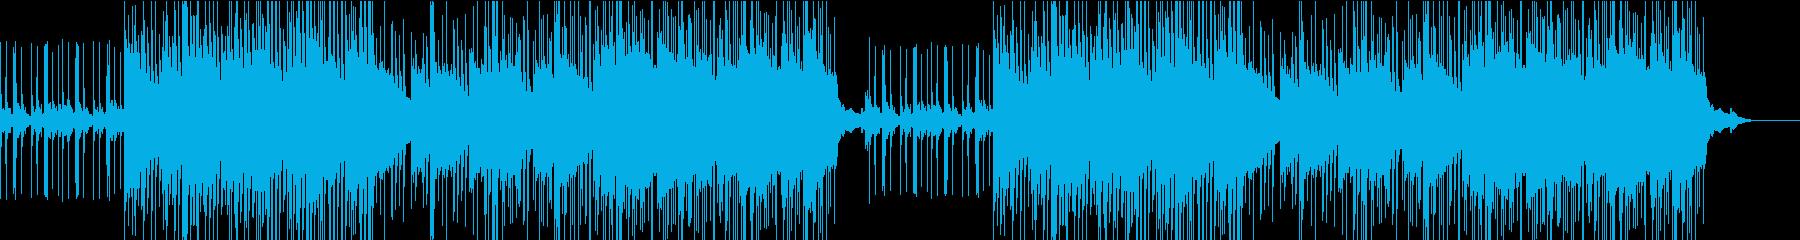 軽快なピアノが特徴的な曲の再生済みの波形